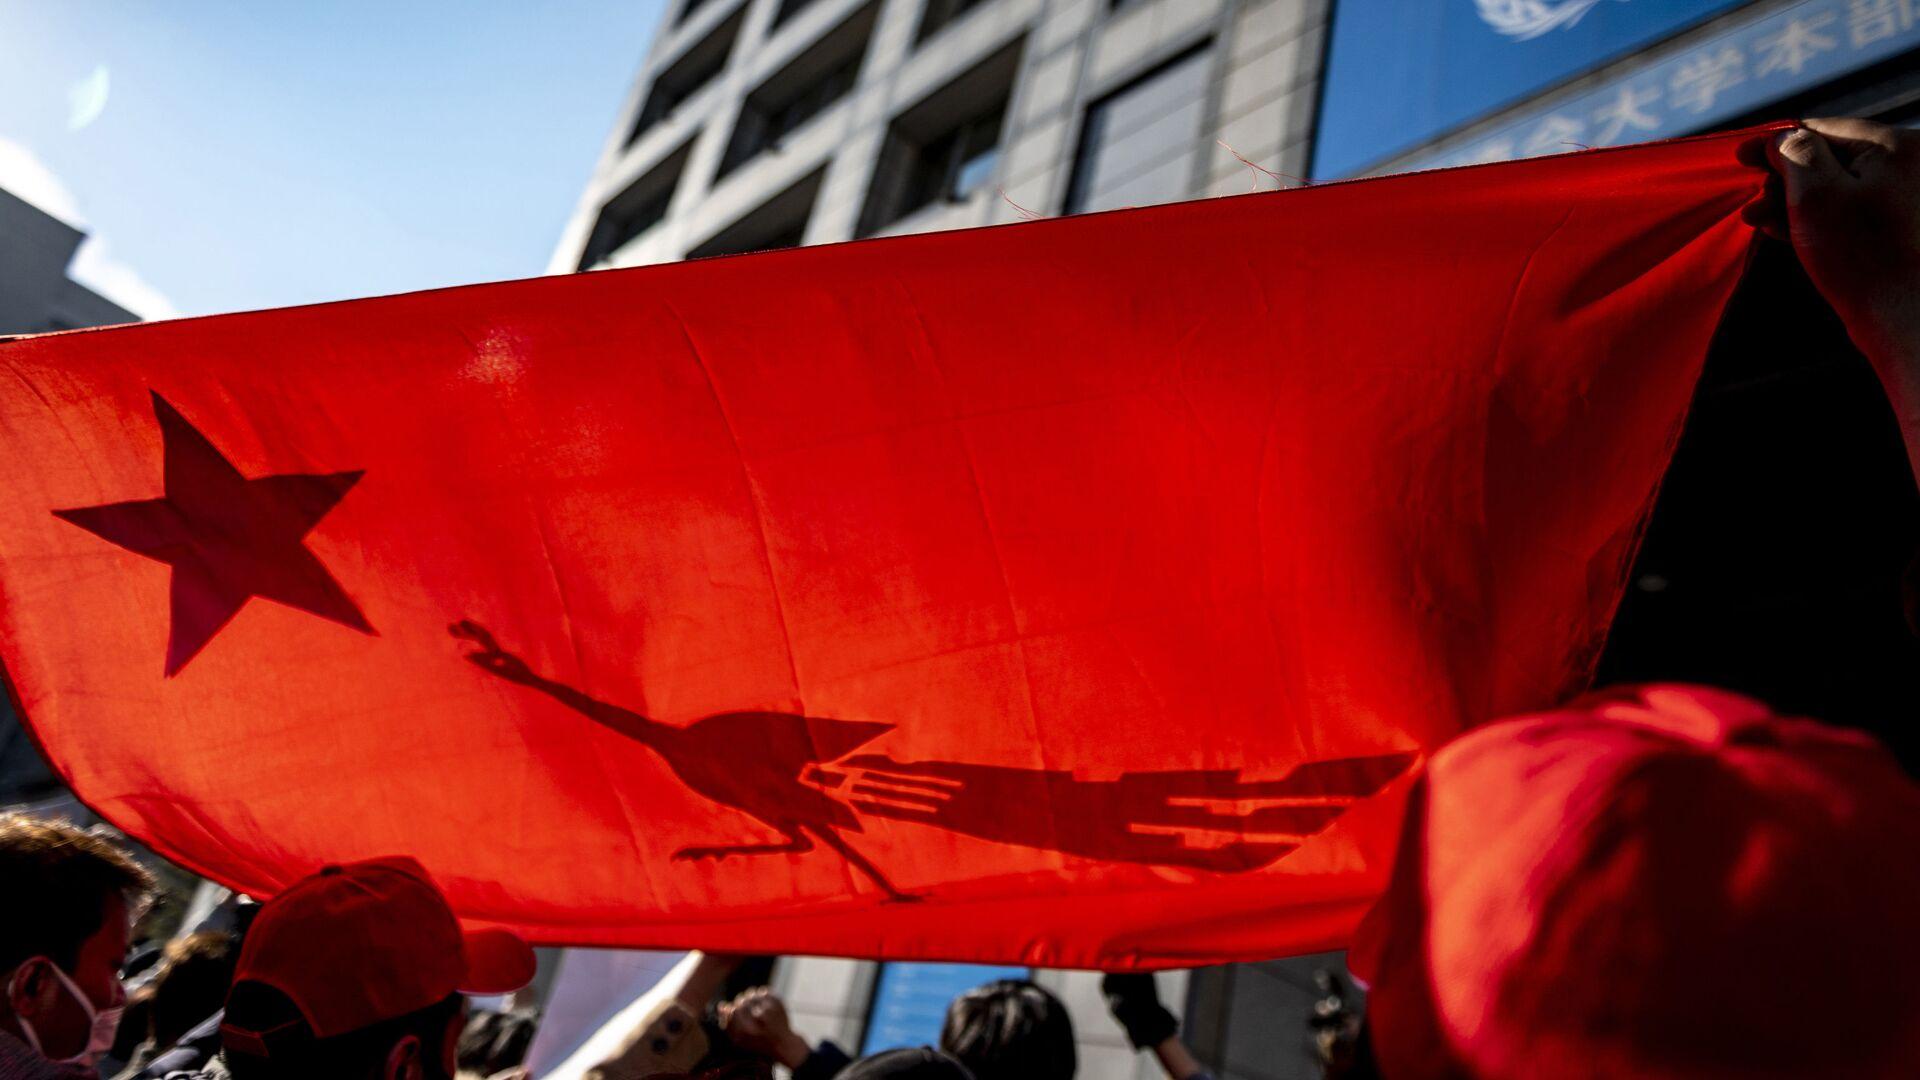 Активисты Мьянмы скандируют лозунги и держат флаг Национальной лиги за демократию во время акции протеста - Sputnik Таджикистан, 1920, 08.04.2021